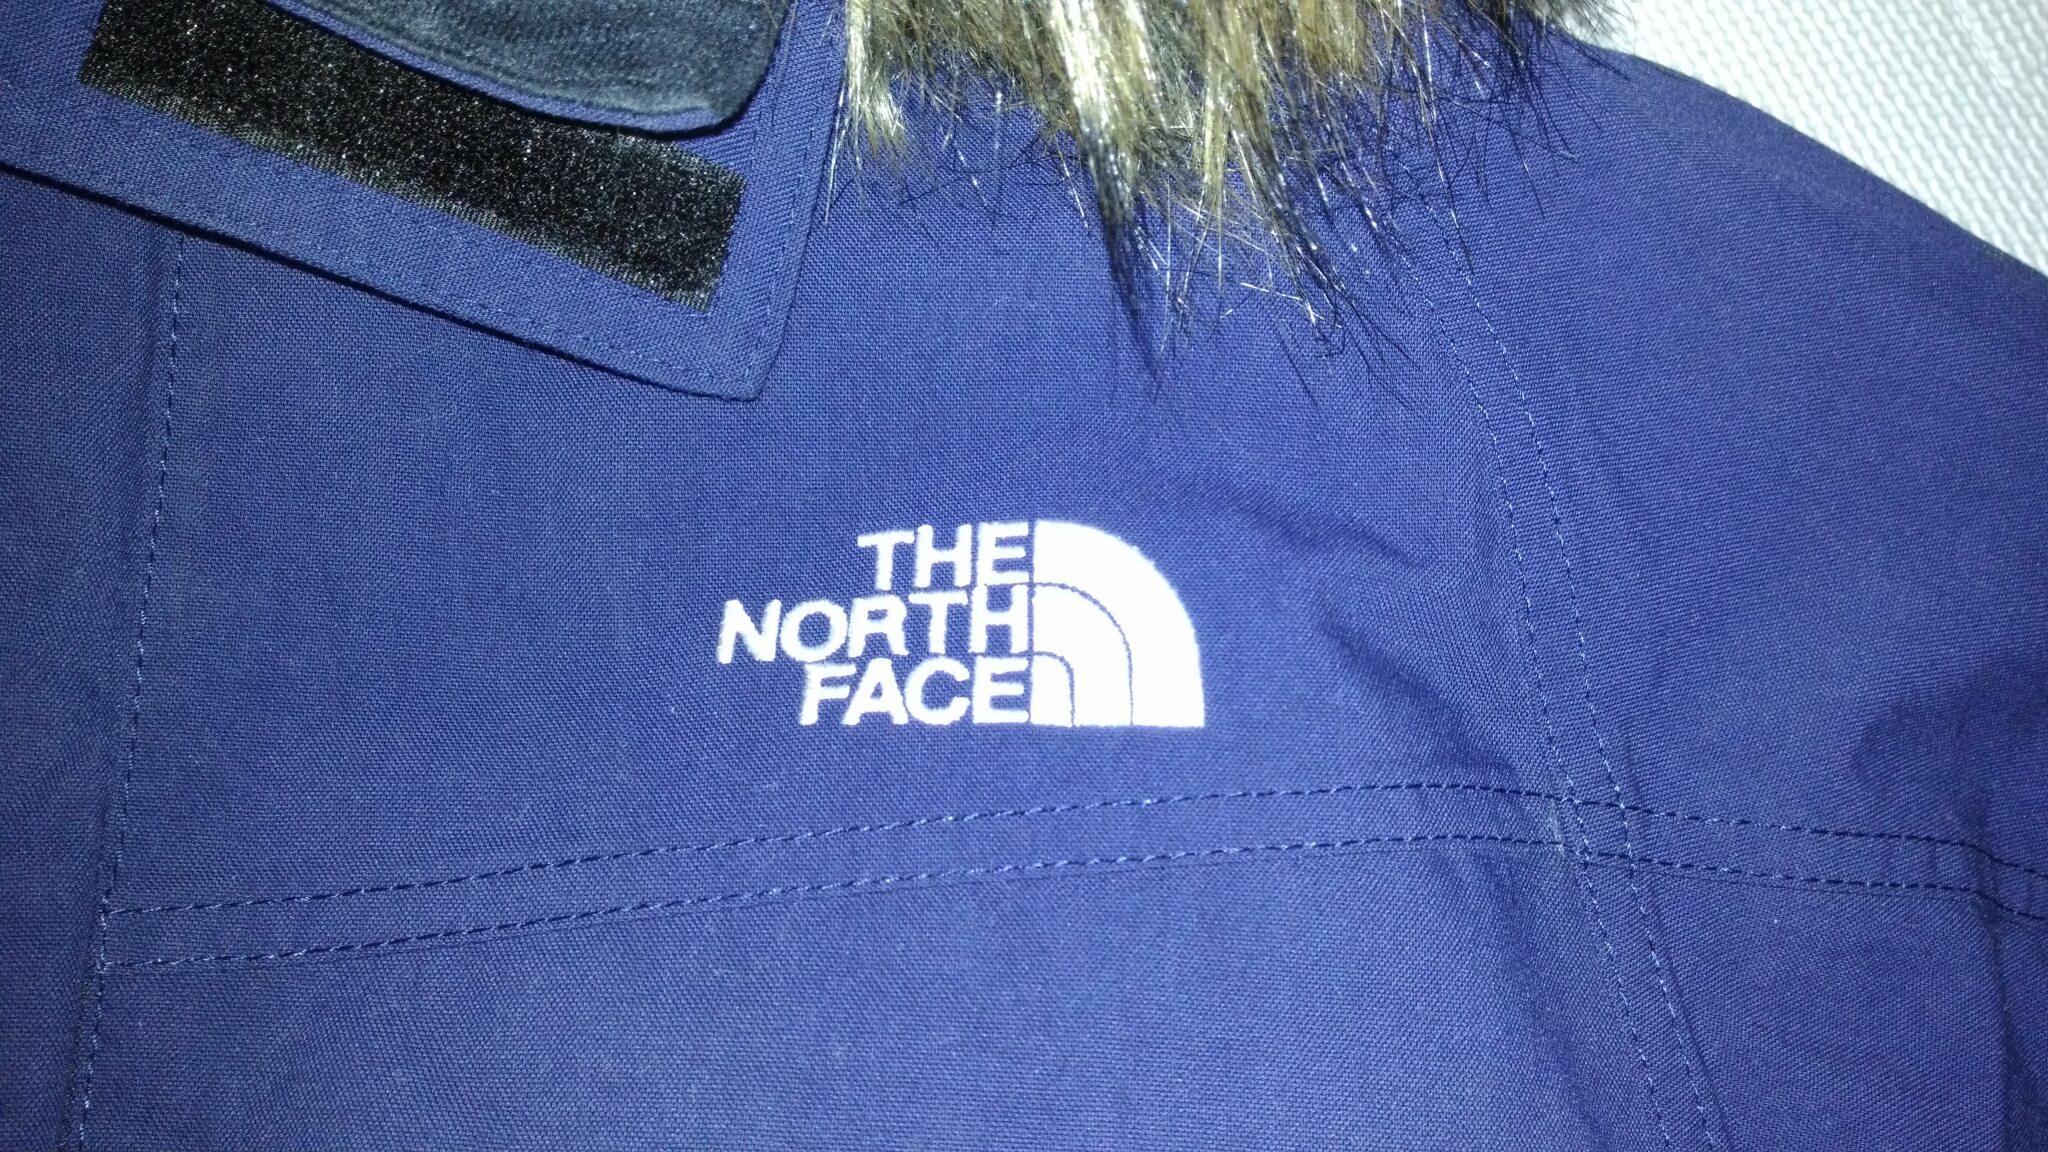 THE-NORTH-FACE-マクマードパーカー-2